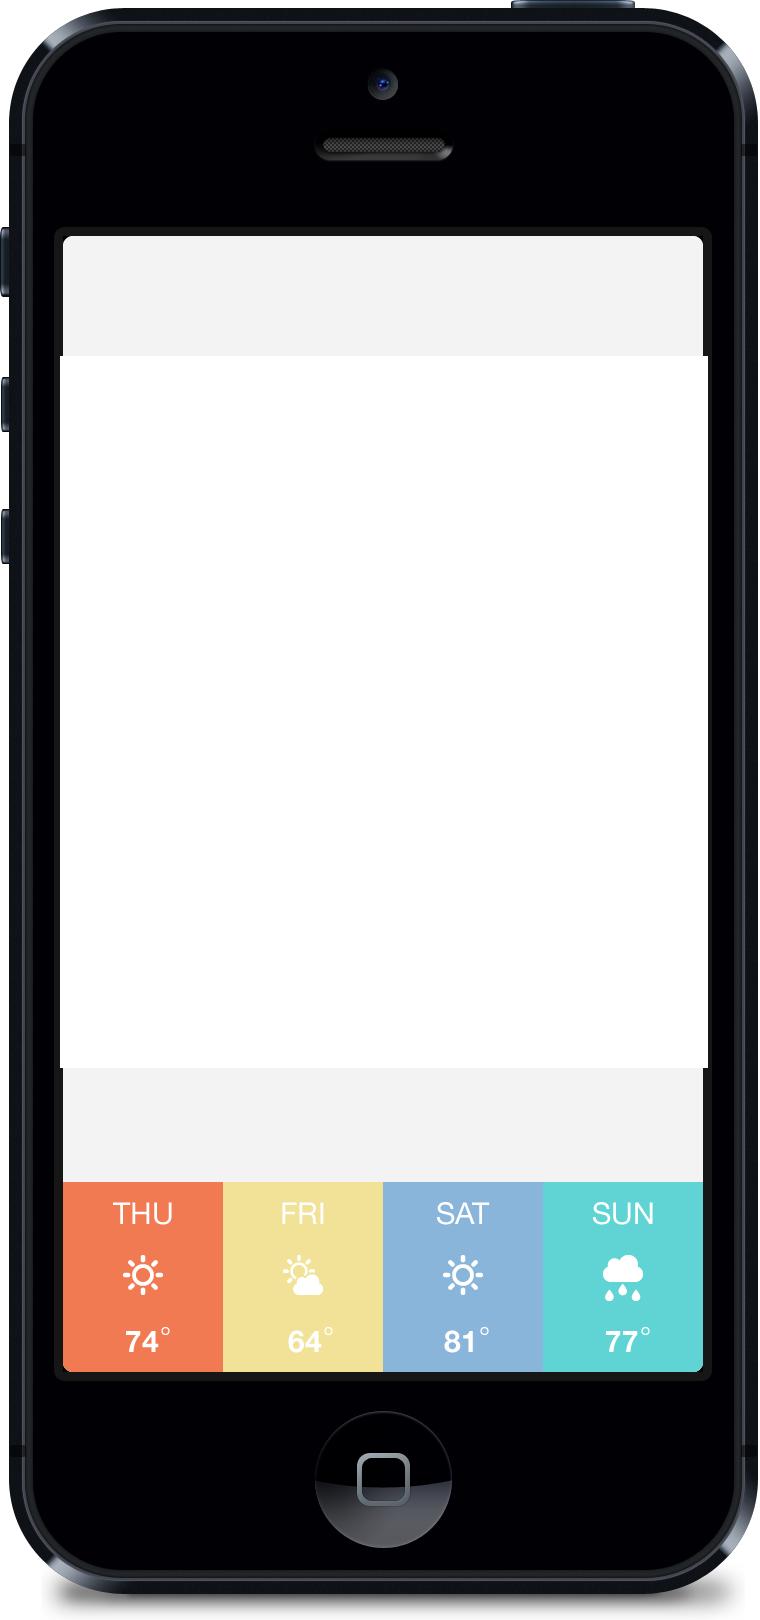 iphone mock ups pinterest mock up and template. Black Bedroom Furniture Sets. Home Design Ideas